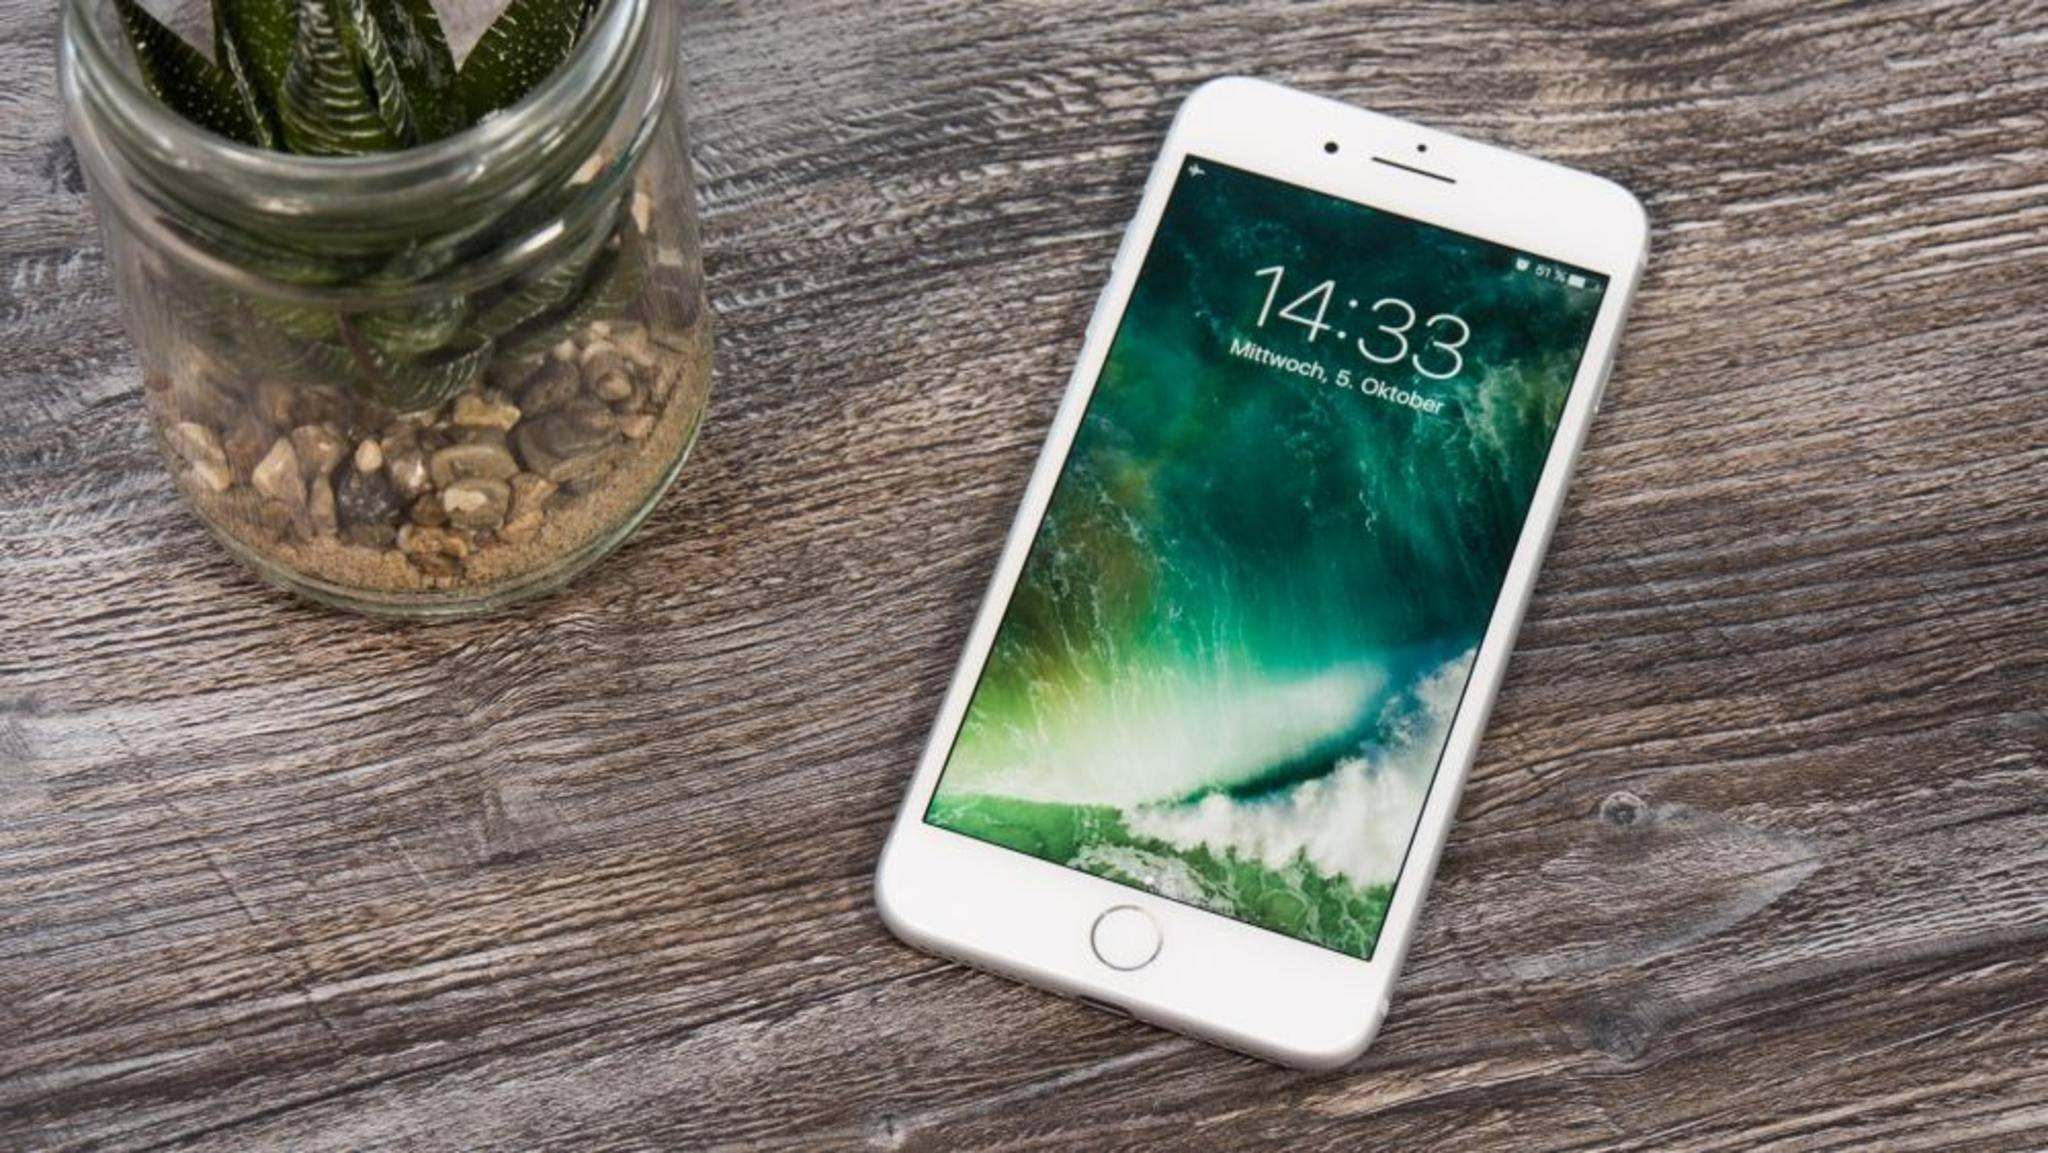 Datenvolumen anzeigen & die besten Datenvolumen-Zähler-Apps fürs iPhone & Android-Smartphone